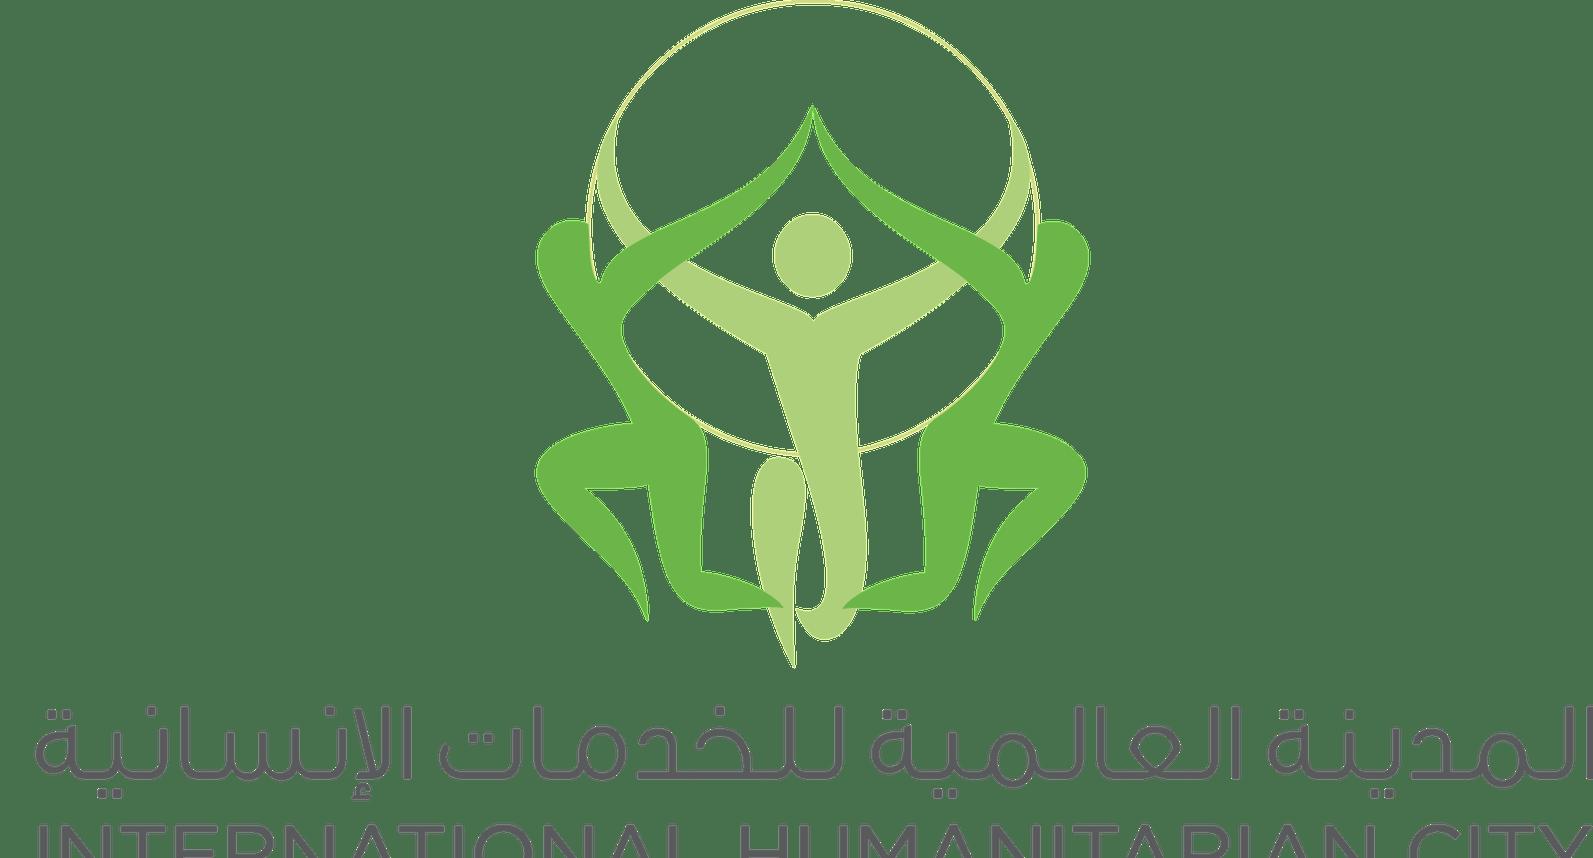 International Humanitarian City IHC)